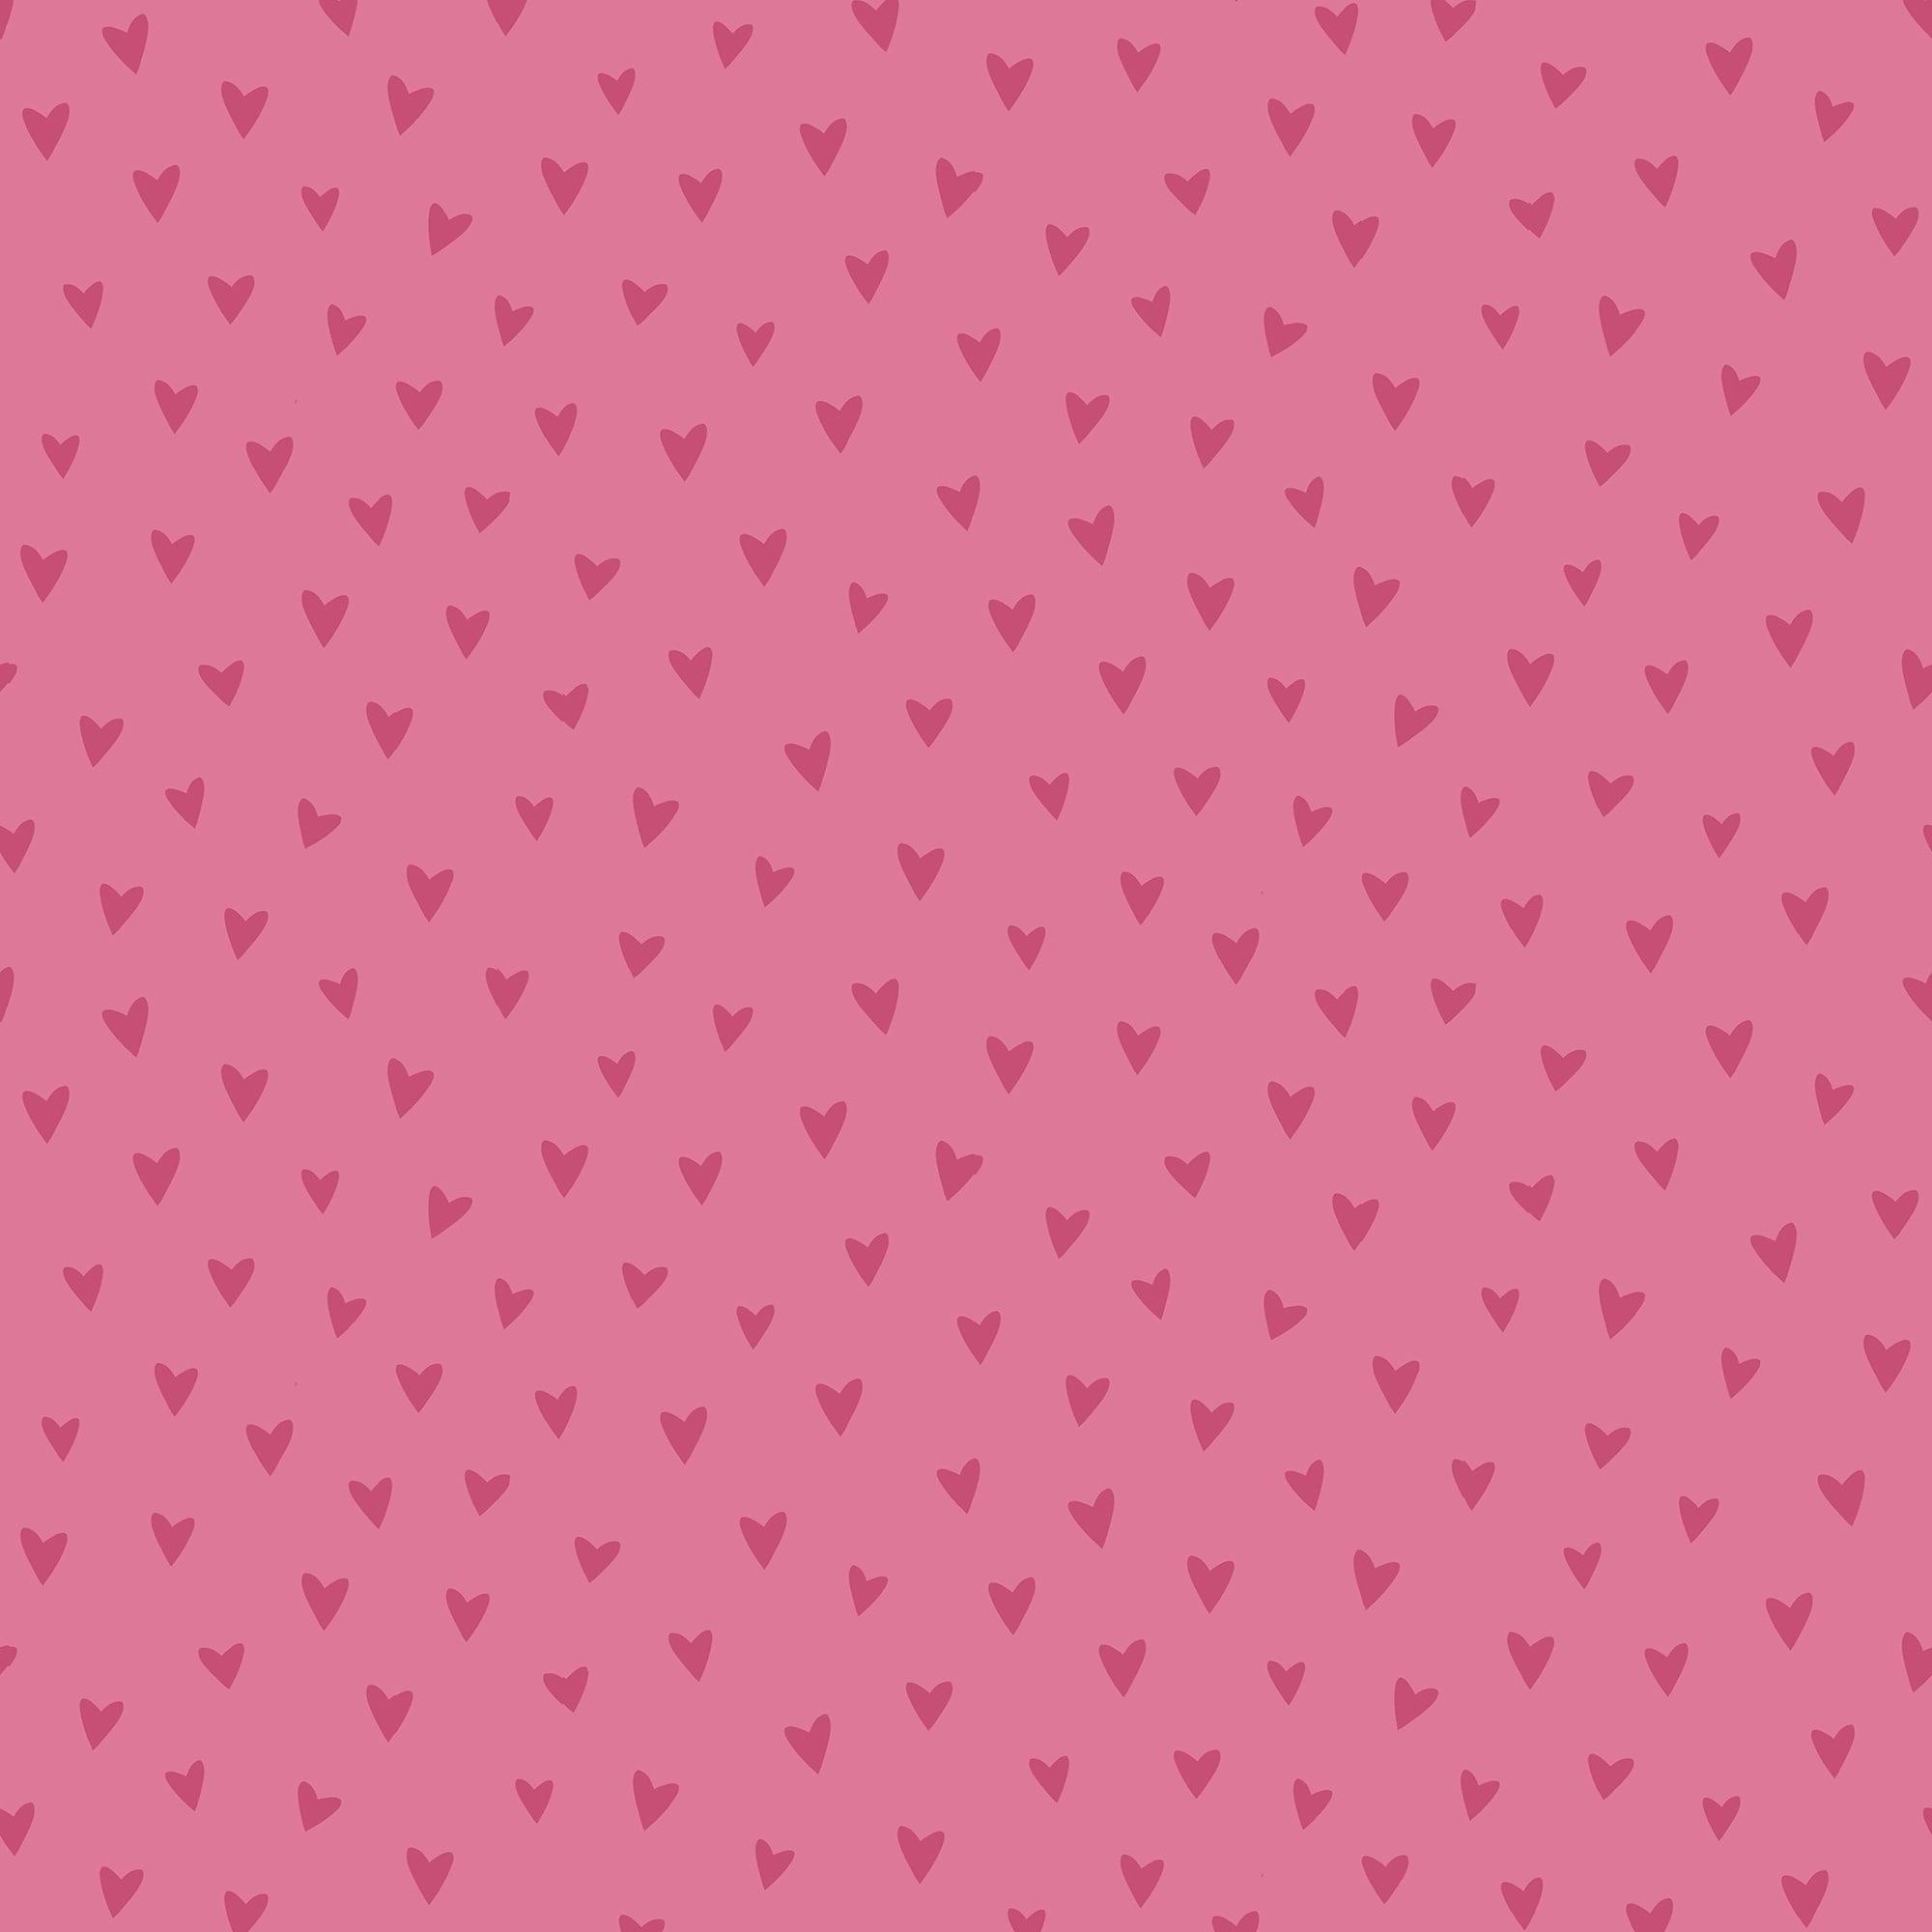 Glitter Sparkle Heart Wallpaper 32.81 feet long X 20.5 inchs Wide Hot Pink Glitter af45a6d9 da8b 43aa b0e1 12f819a9ffb5